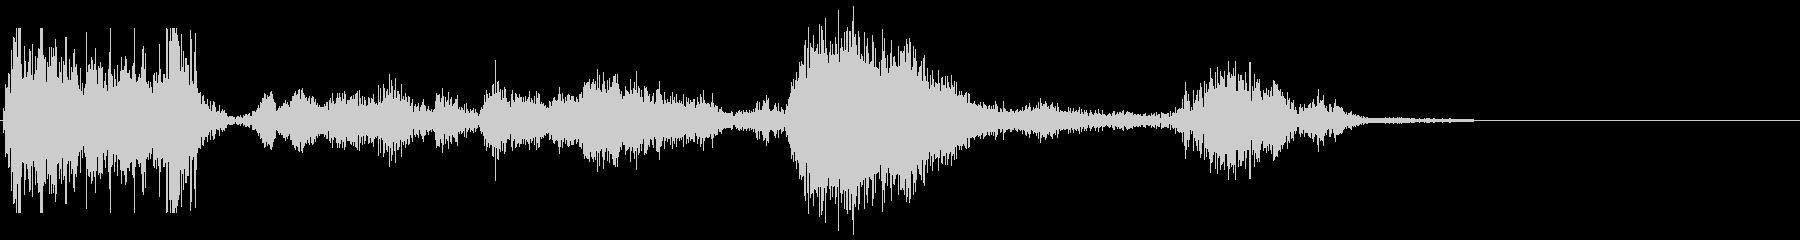 モンスターアクション5の未再生の波形